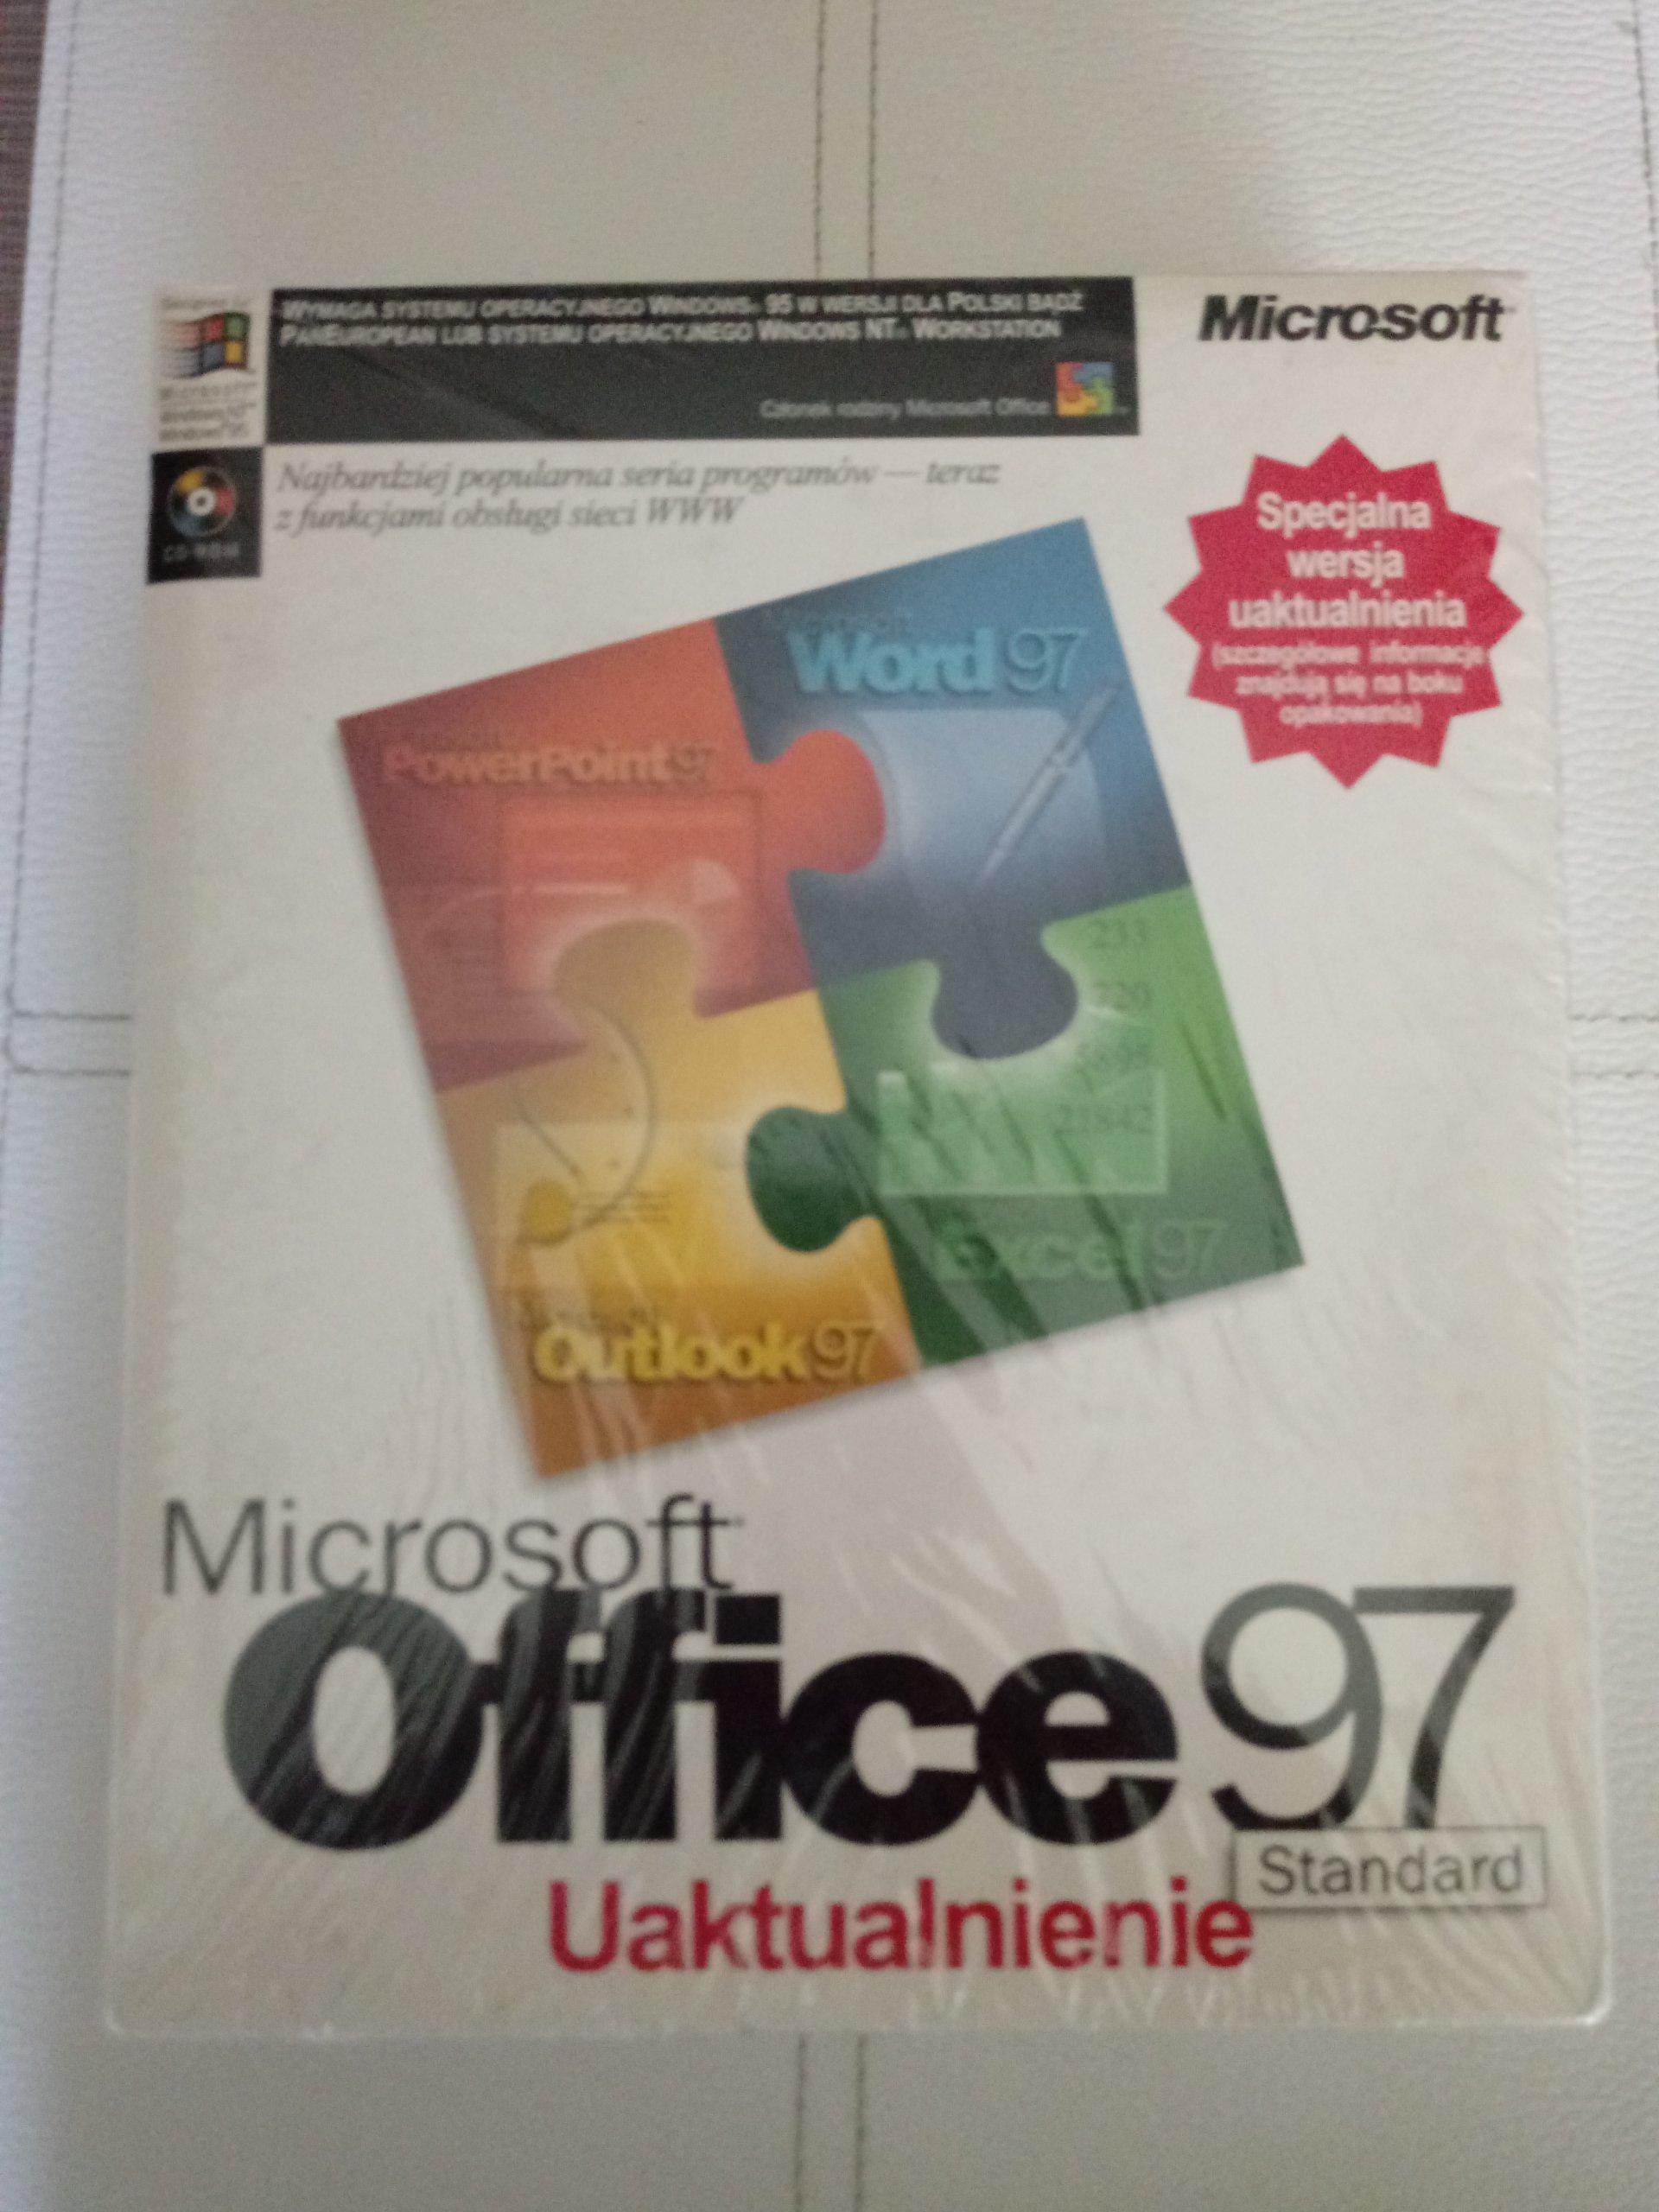 Microsoft Office 97 Professional UAKTUALNIENIE